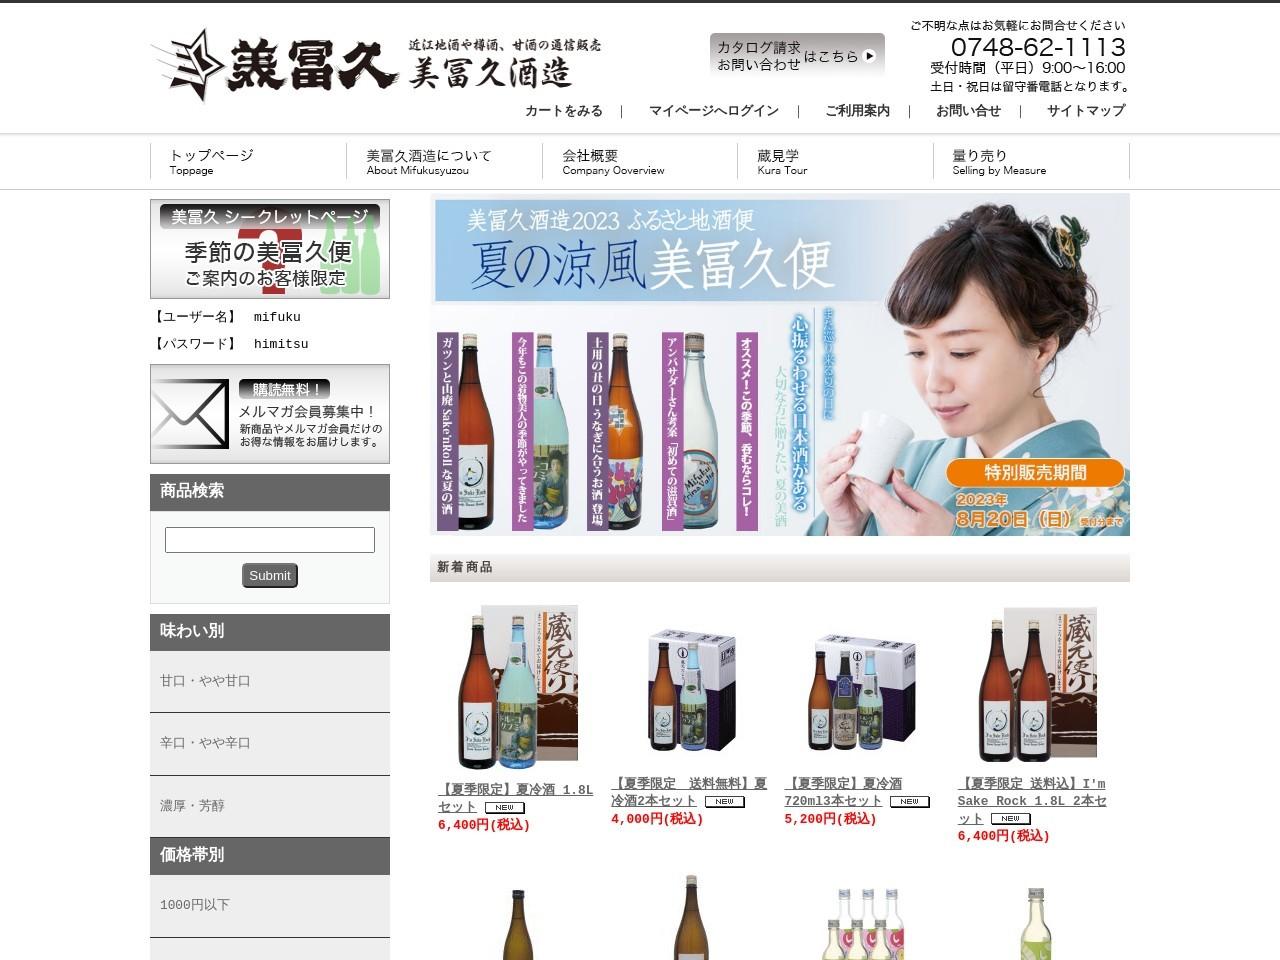 近江の美し酒「みふく」/美冨久酒造株式会社